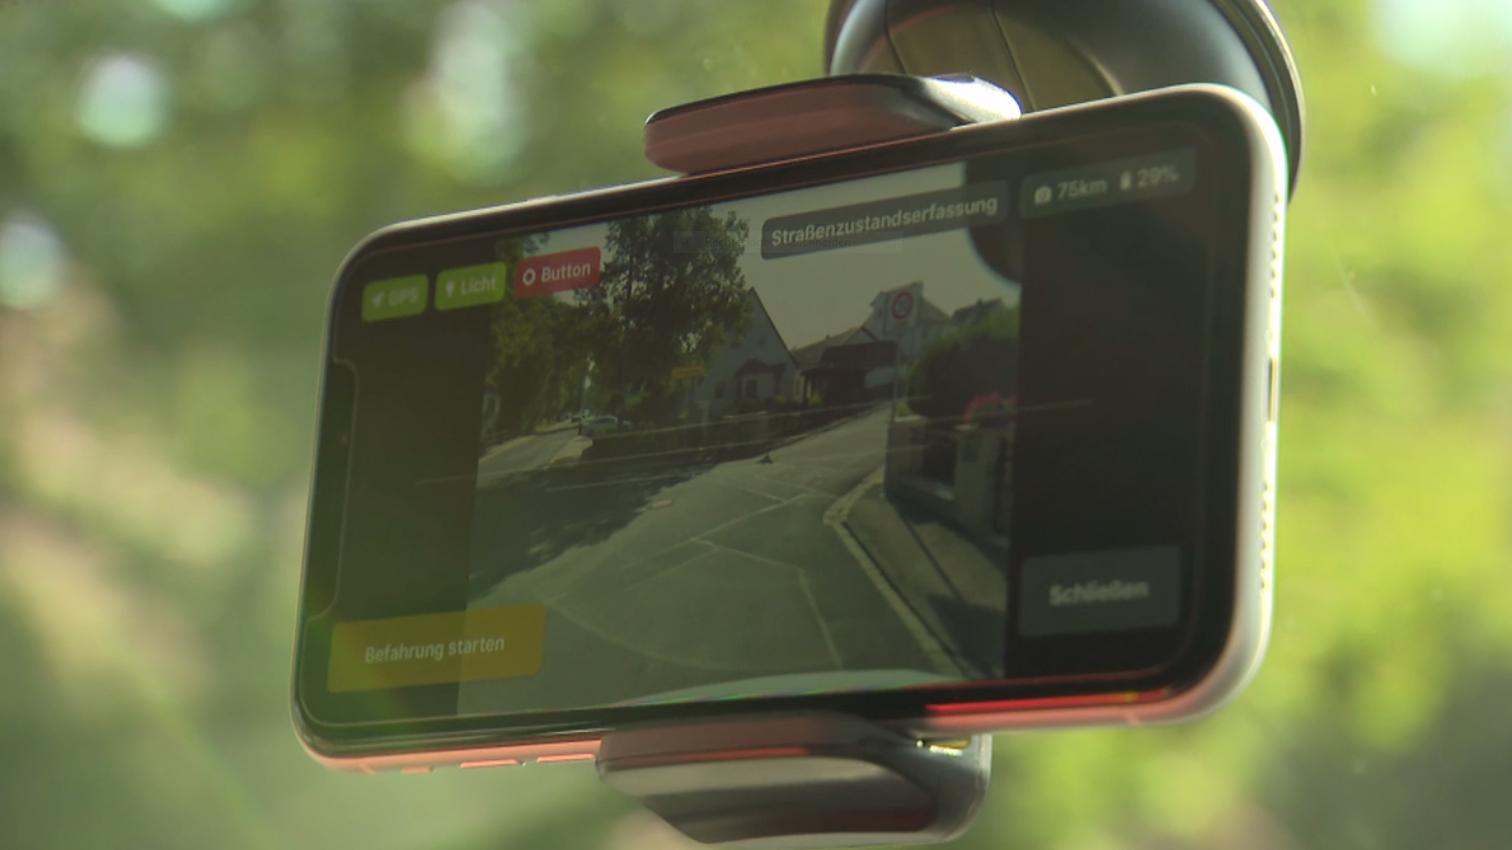 Handydisplay bei einer Straßenuntersuchung per App